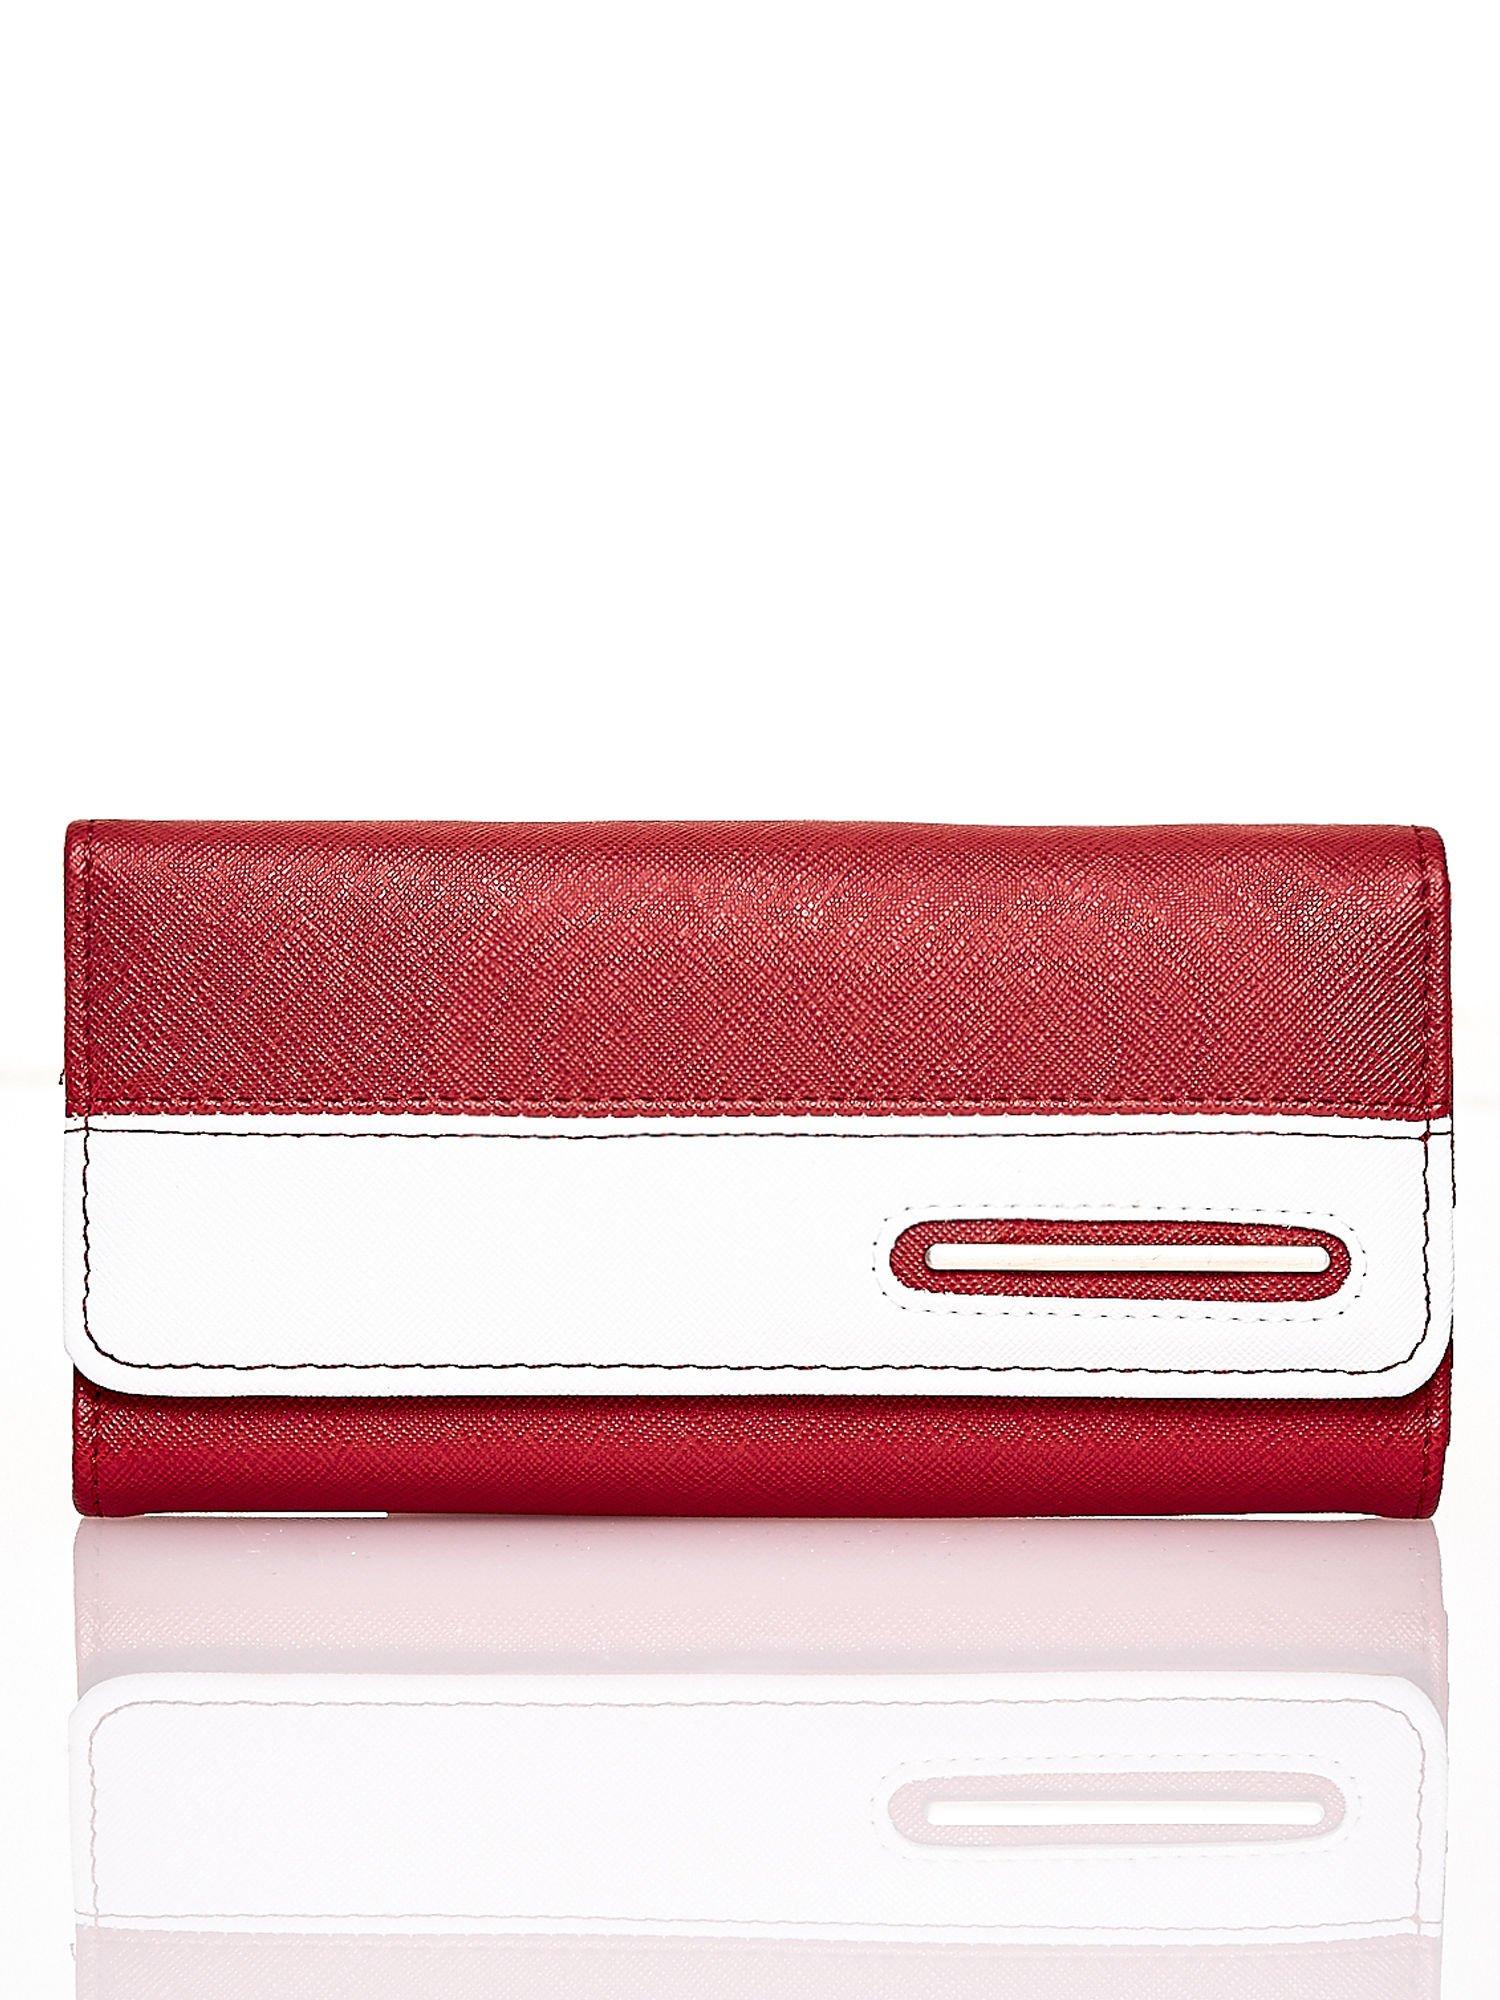 Czerwony portfel z białym wykończeniem                                  zdj.                                  1